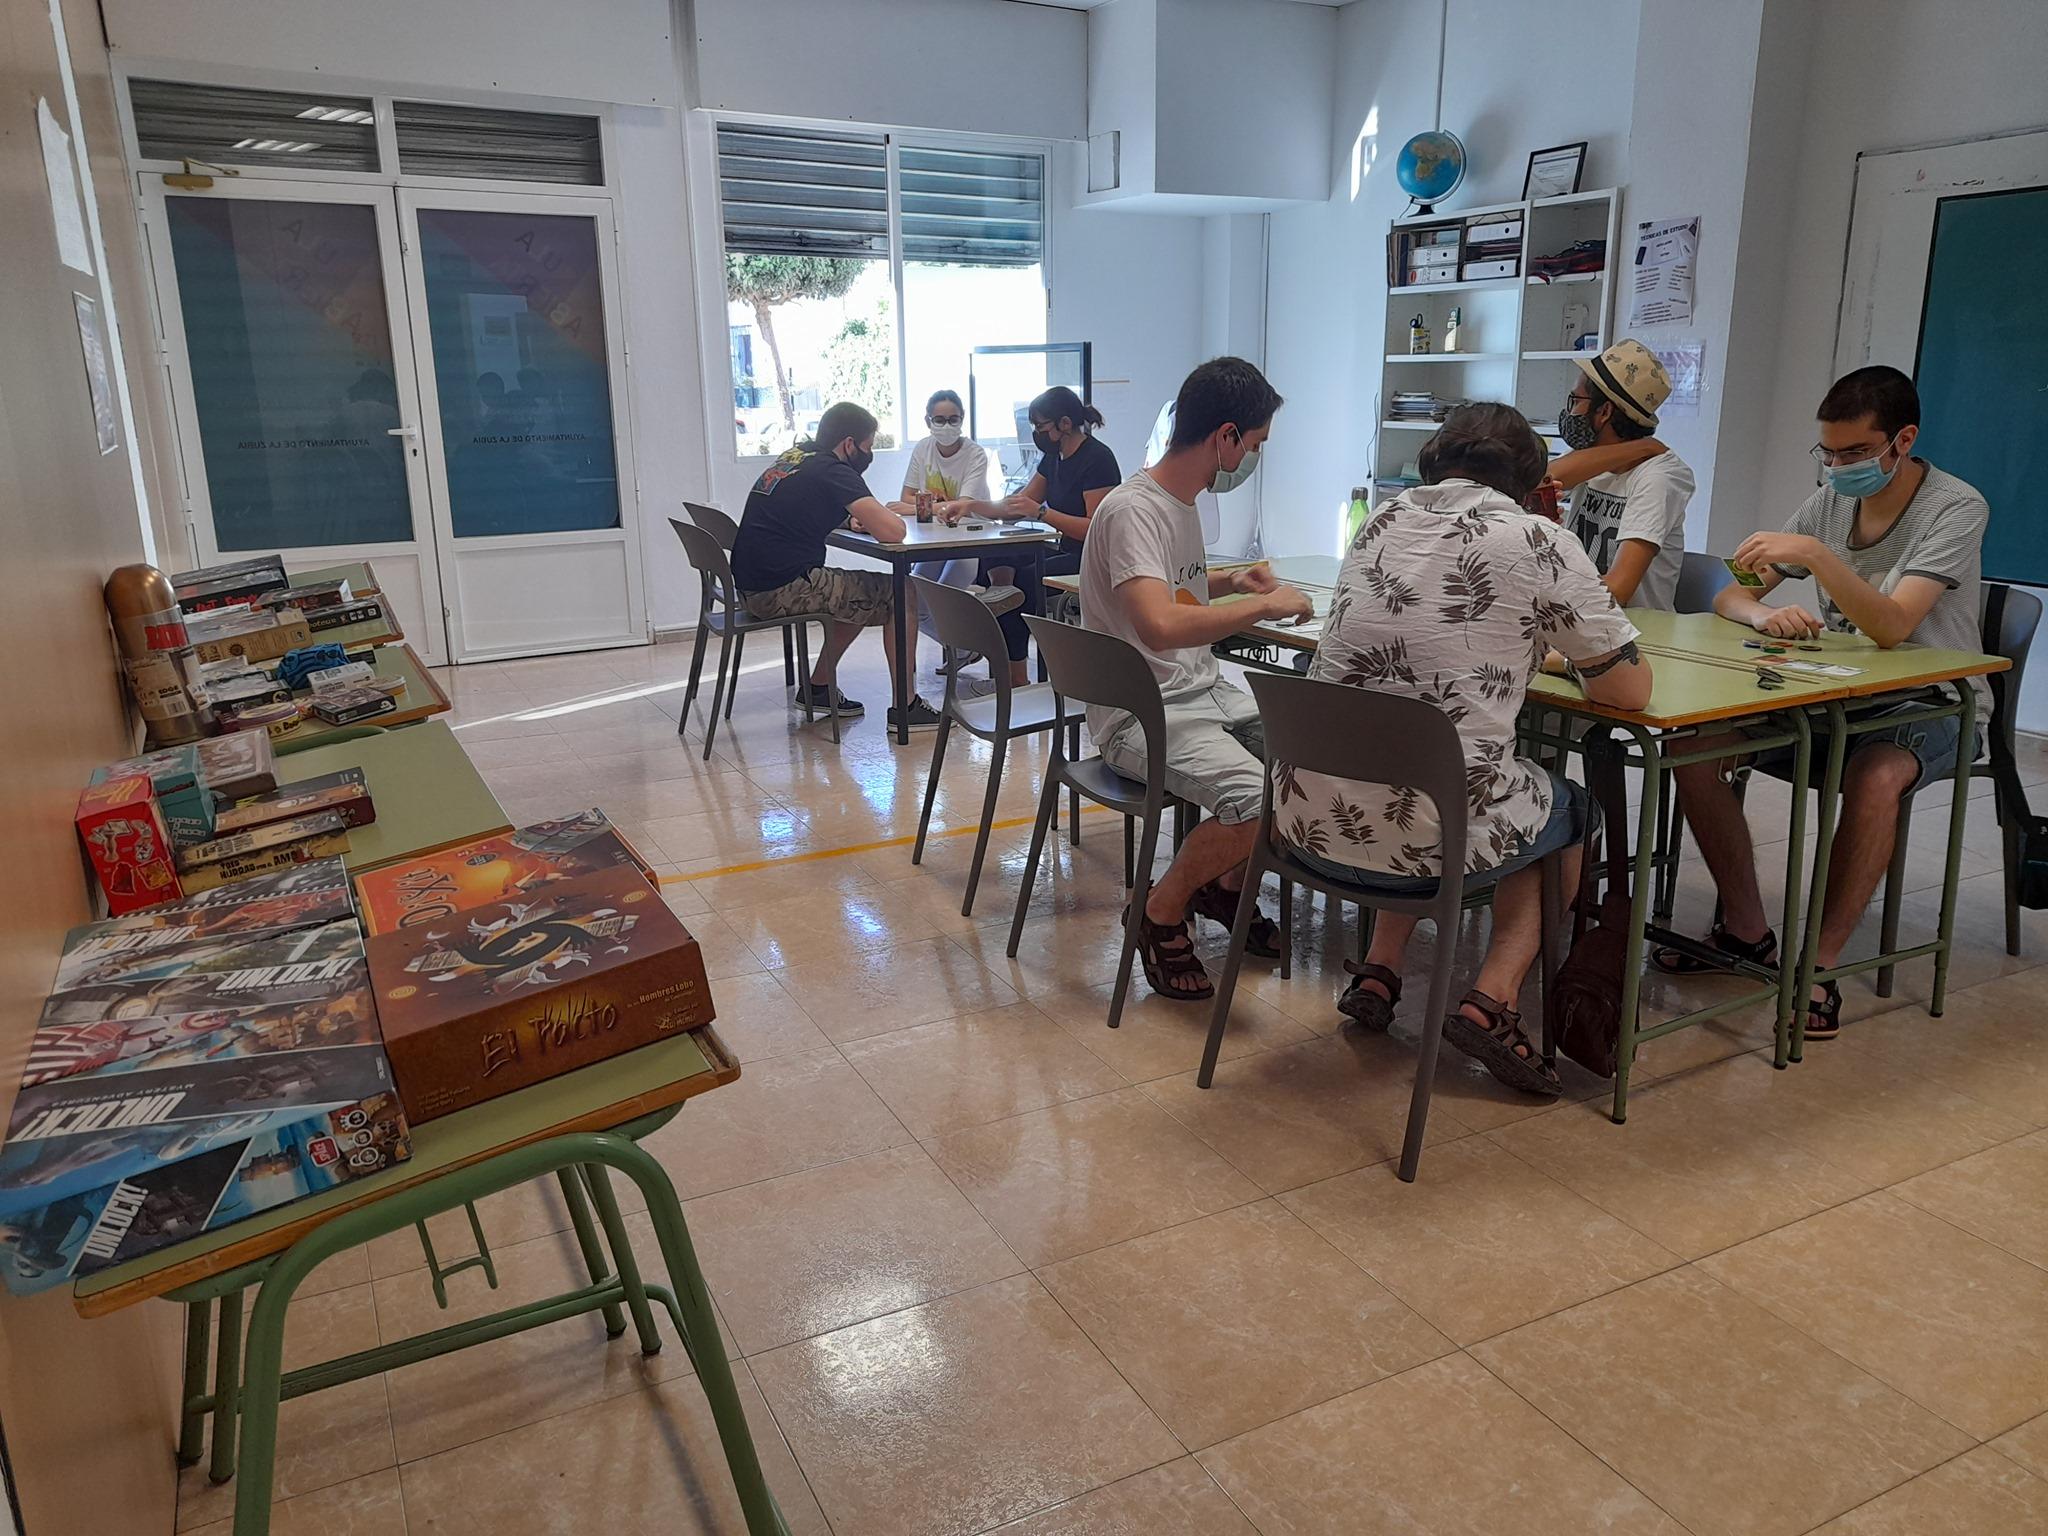 La Zubia promociona los juegos de mesa entre sus jóvenes para que socialicen y como alternativa de ocio saludable